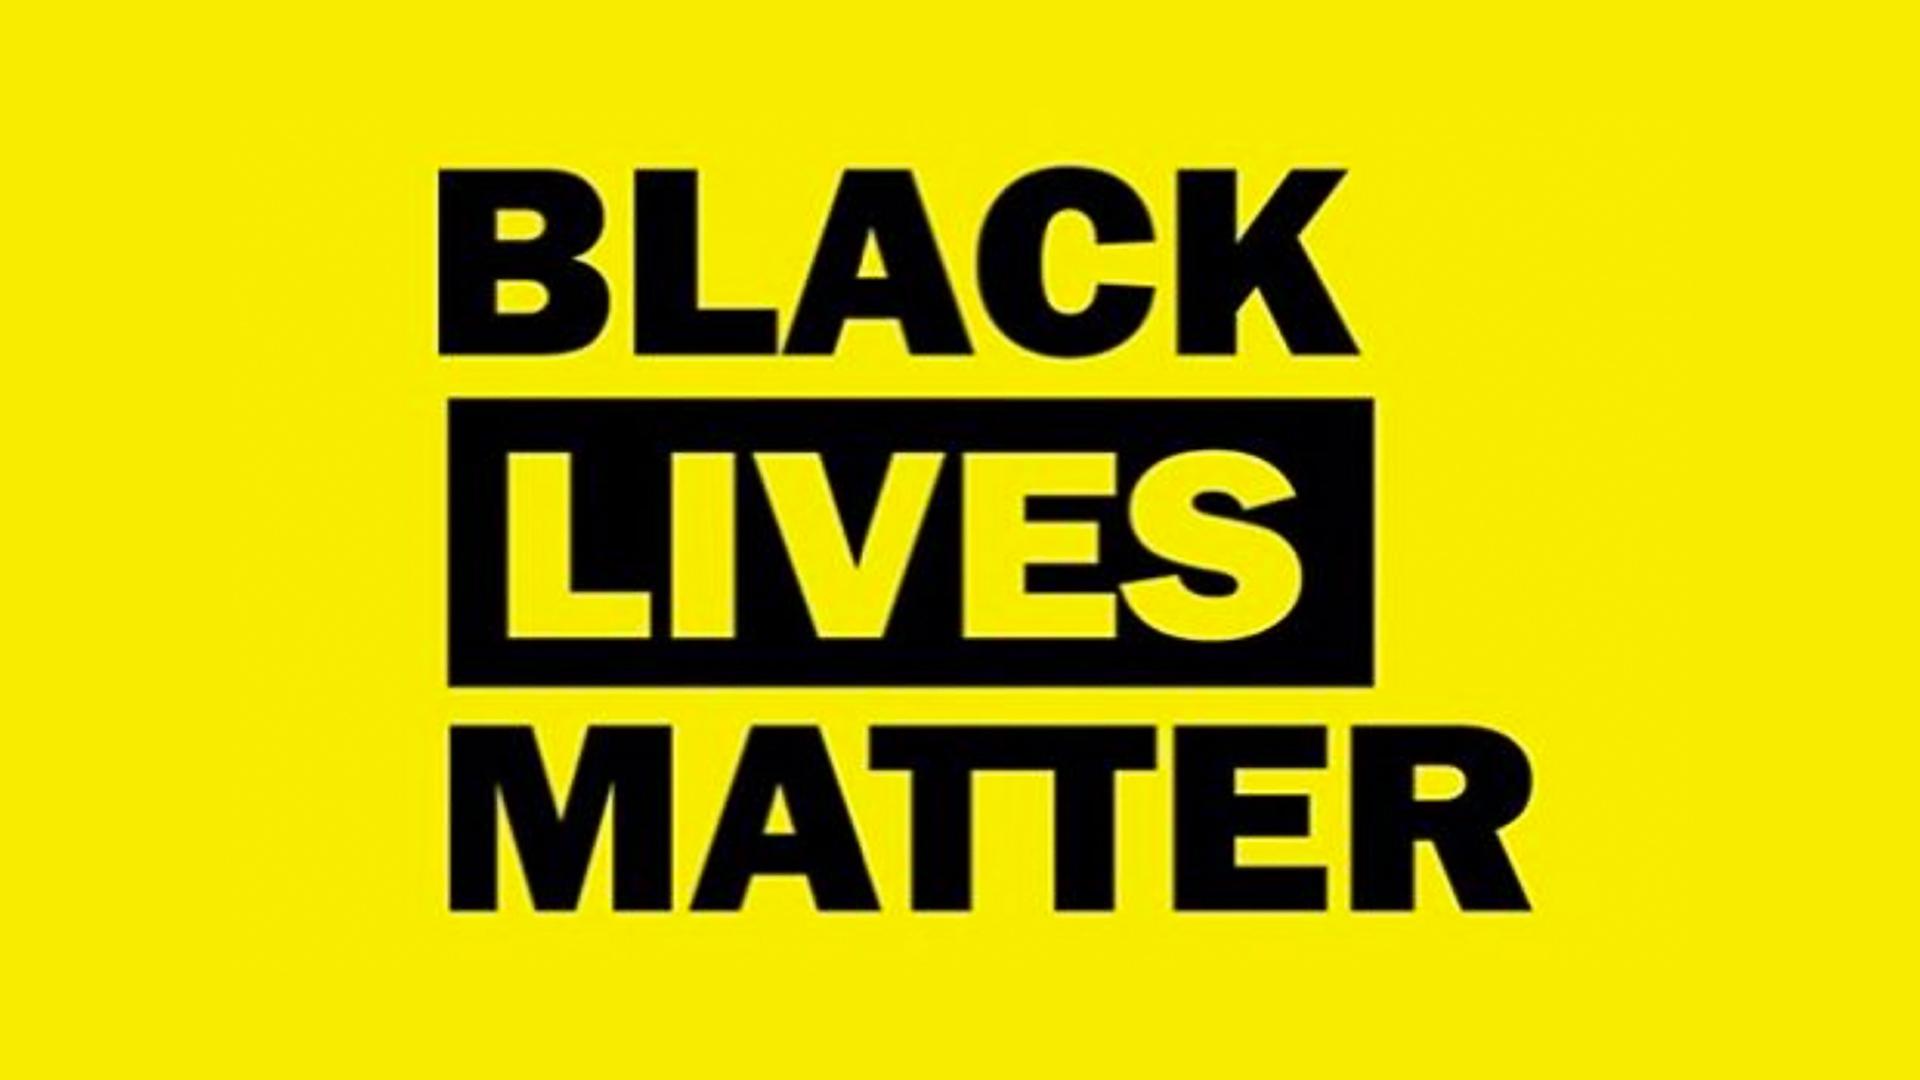 #BlackLivesMatter #WeStandTogether